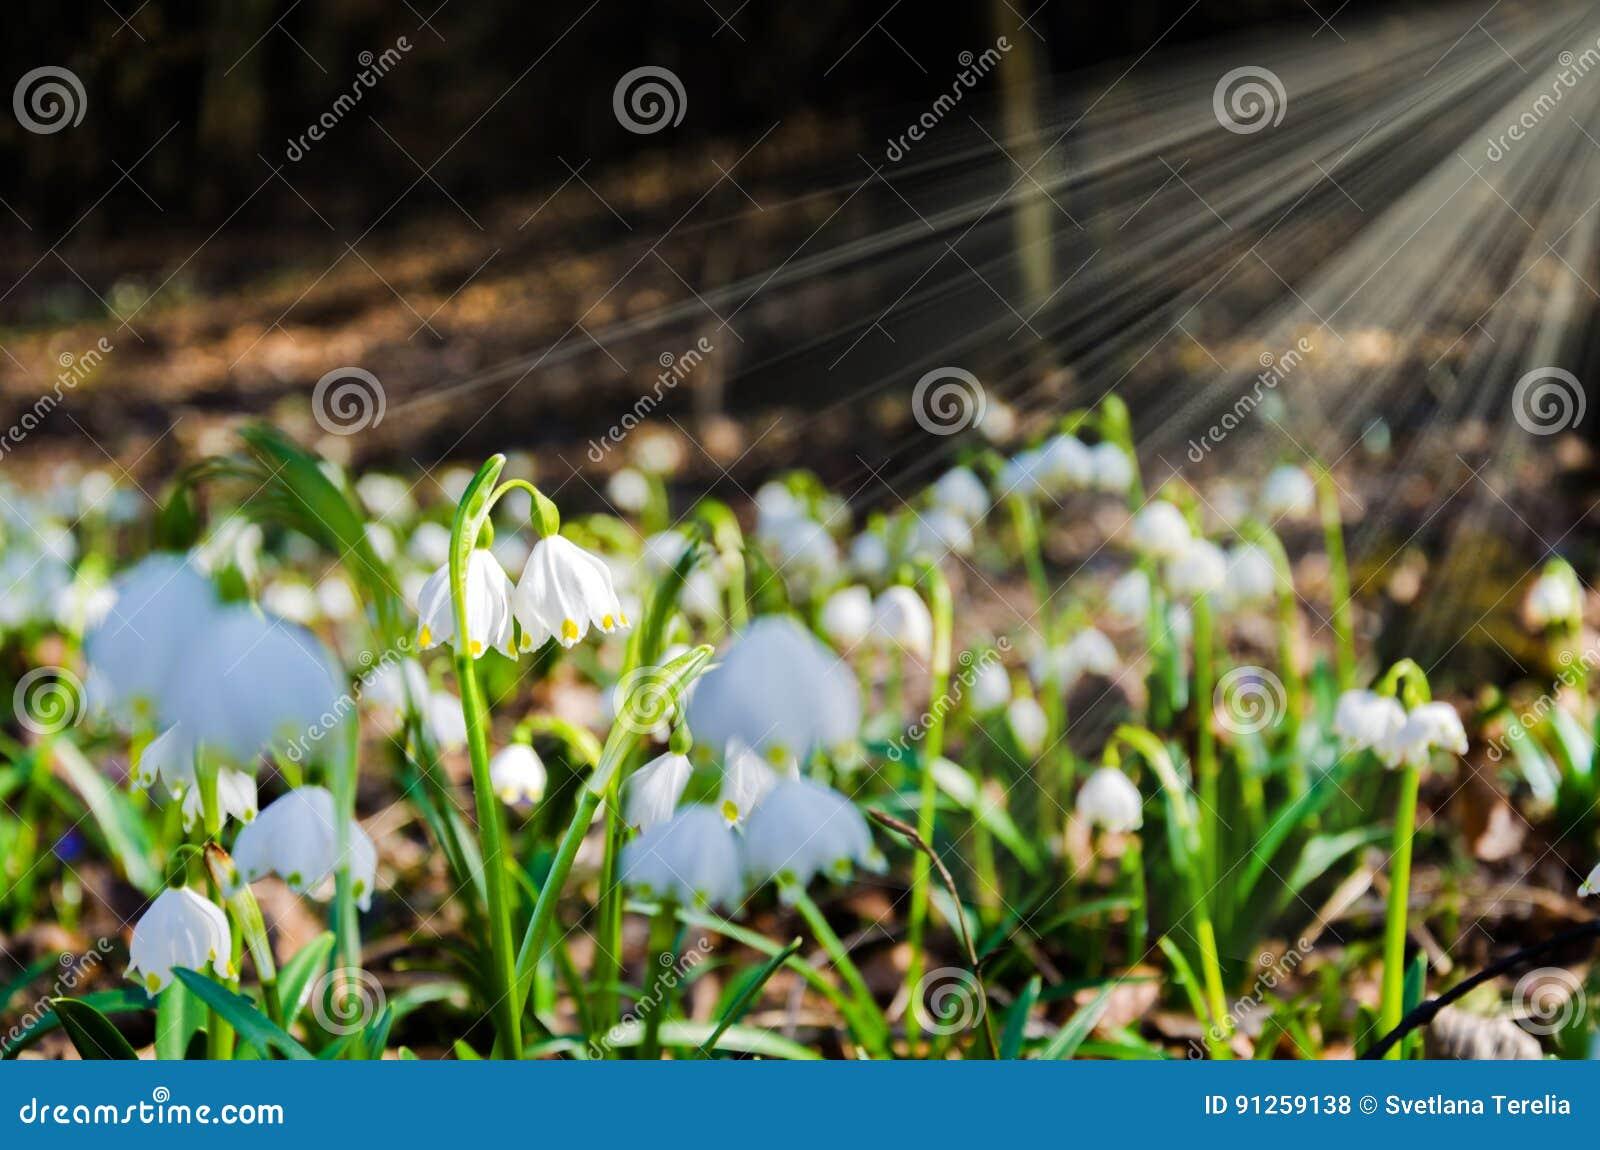 Die Ersten Blumen Des Fruhlinges Schneeglockchenblumen Auf Einem